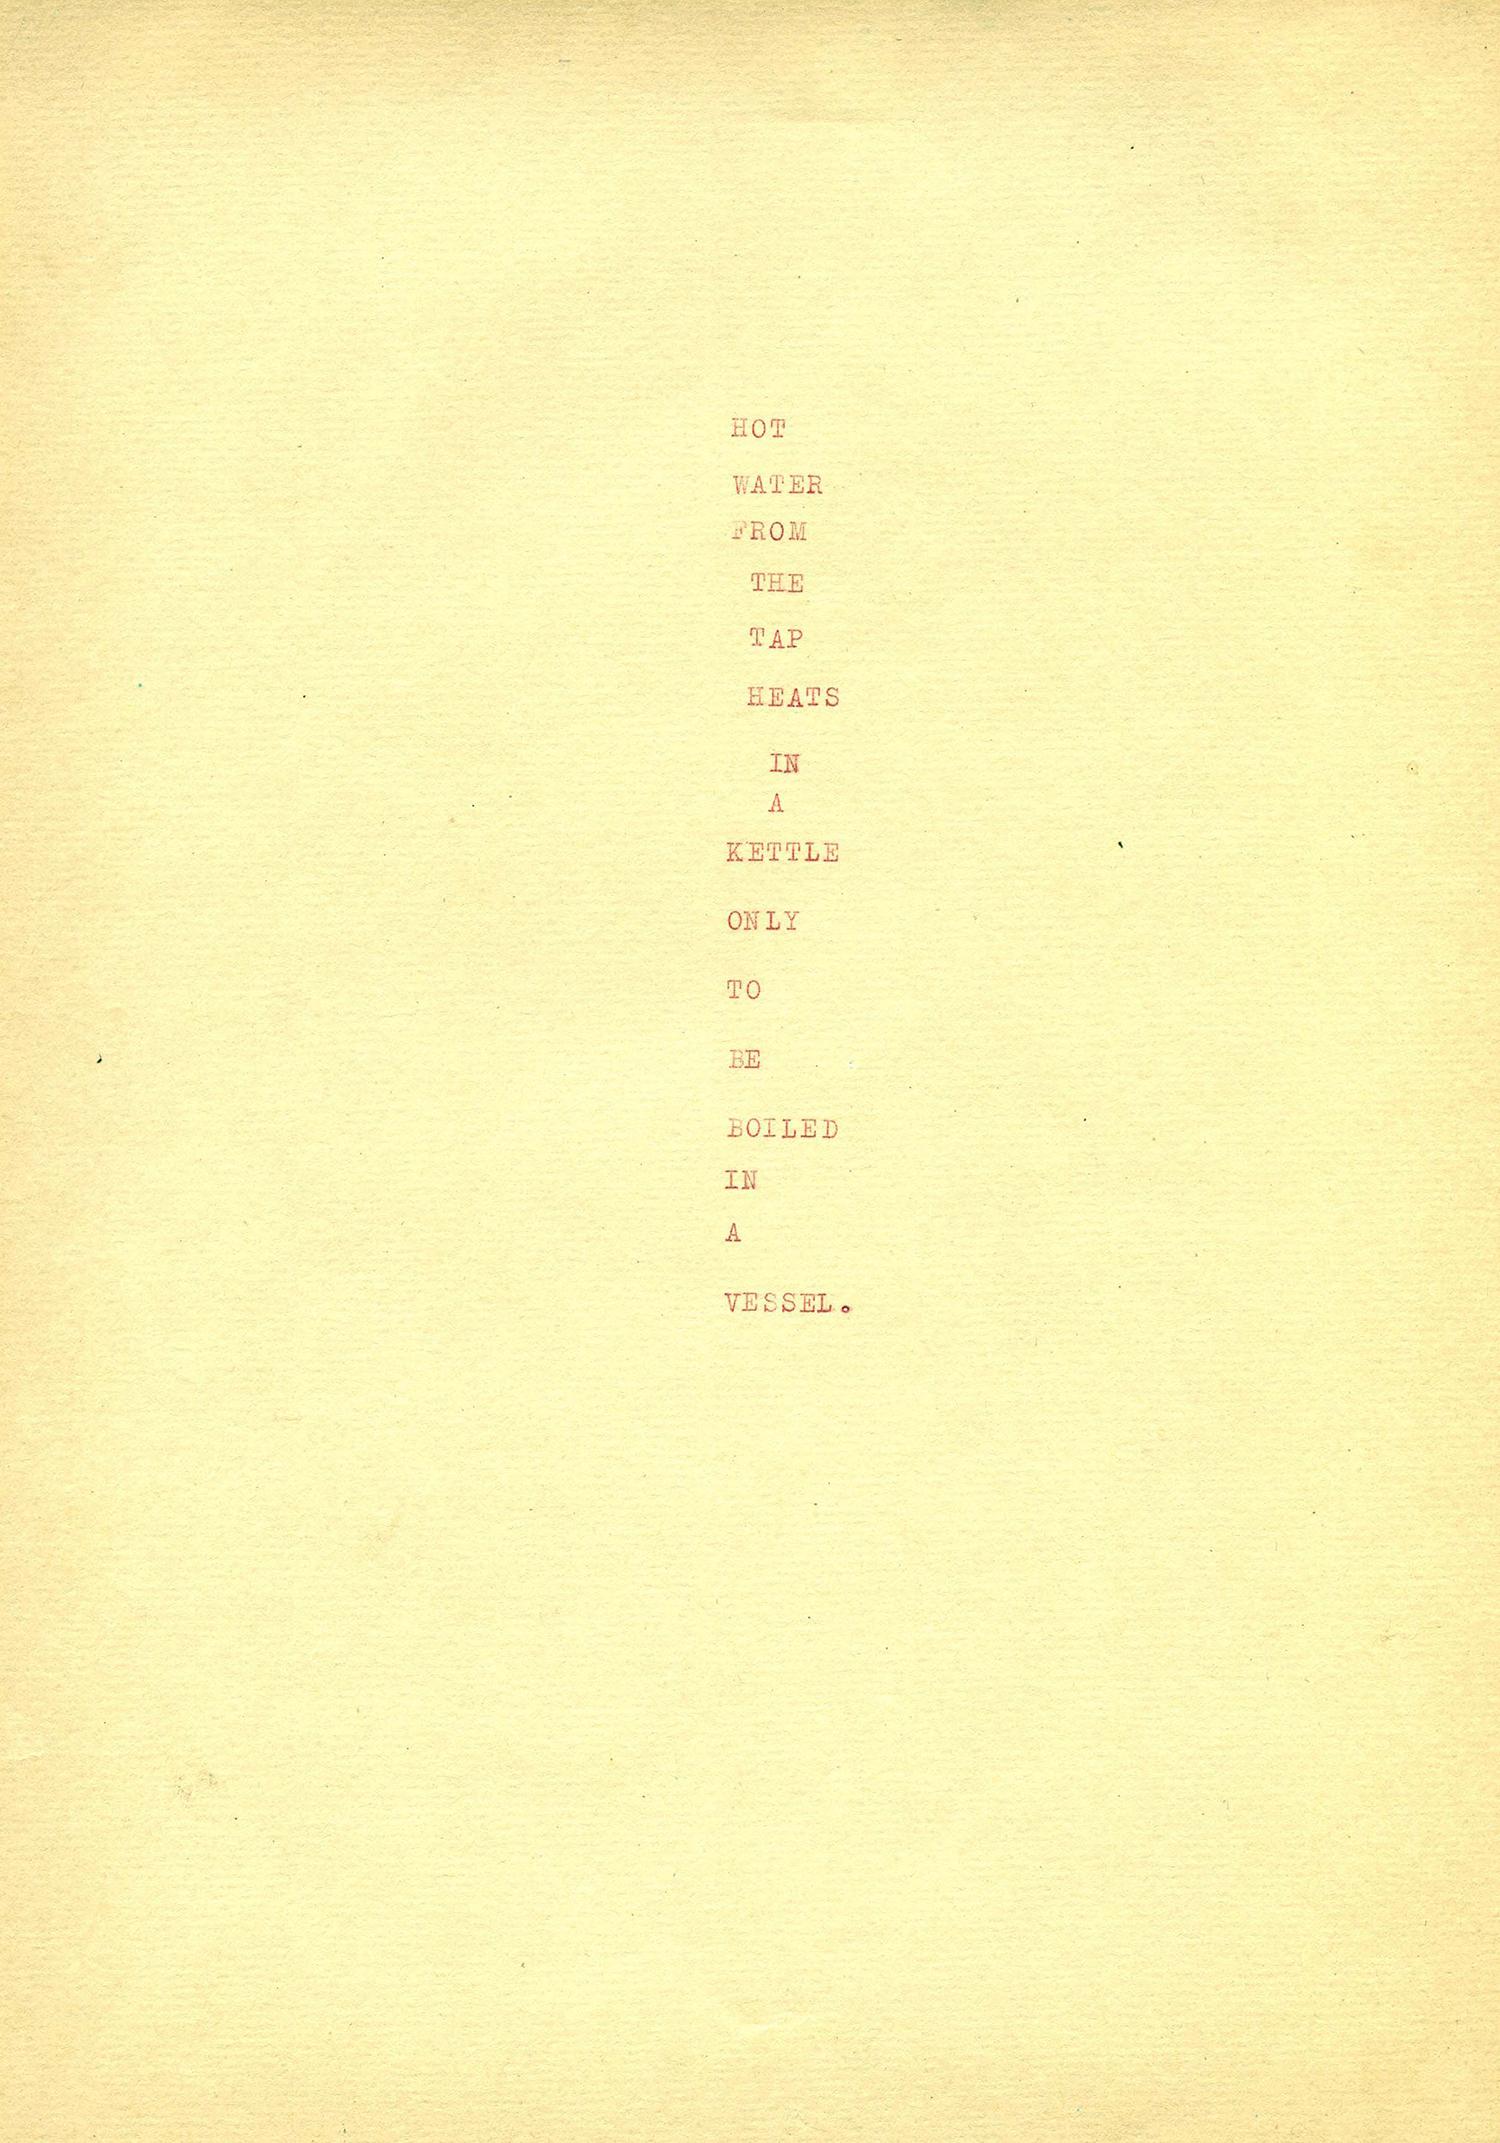 Shreyas Karle  Hot water poem 2013 - 2014 Typo carbon print on paper | Brother portable typewriter   30.48 x 21.59 cm